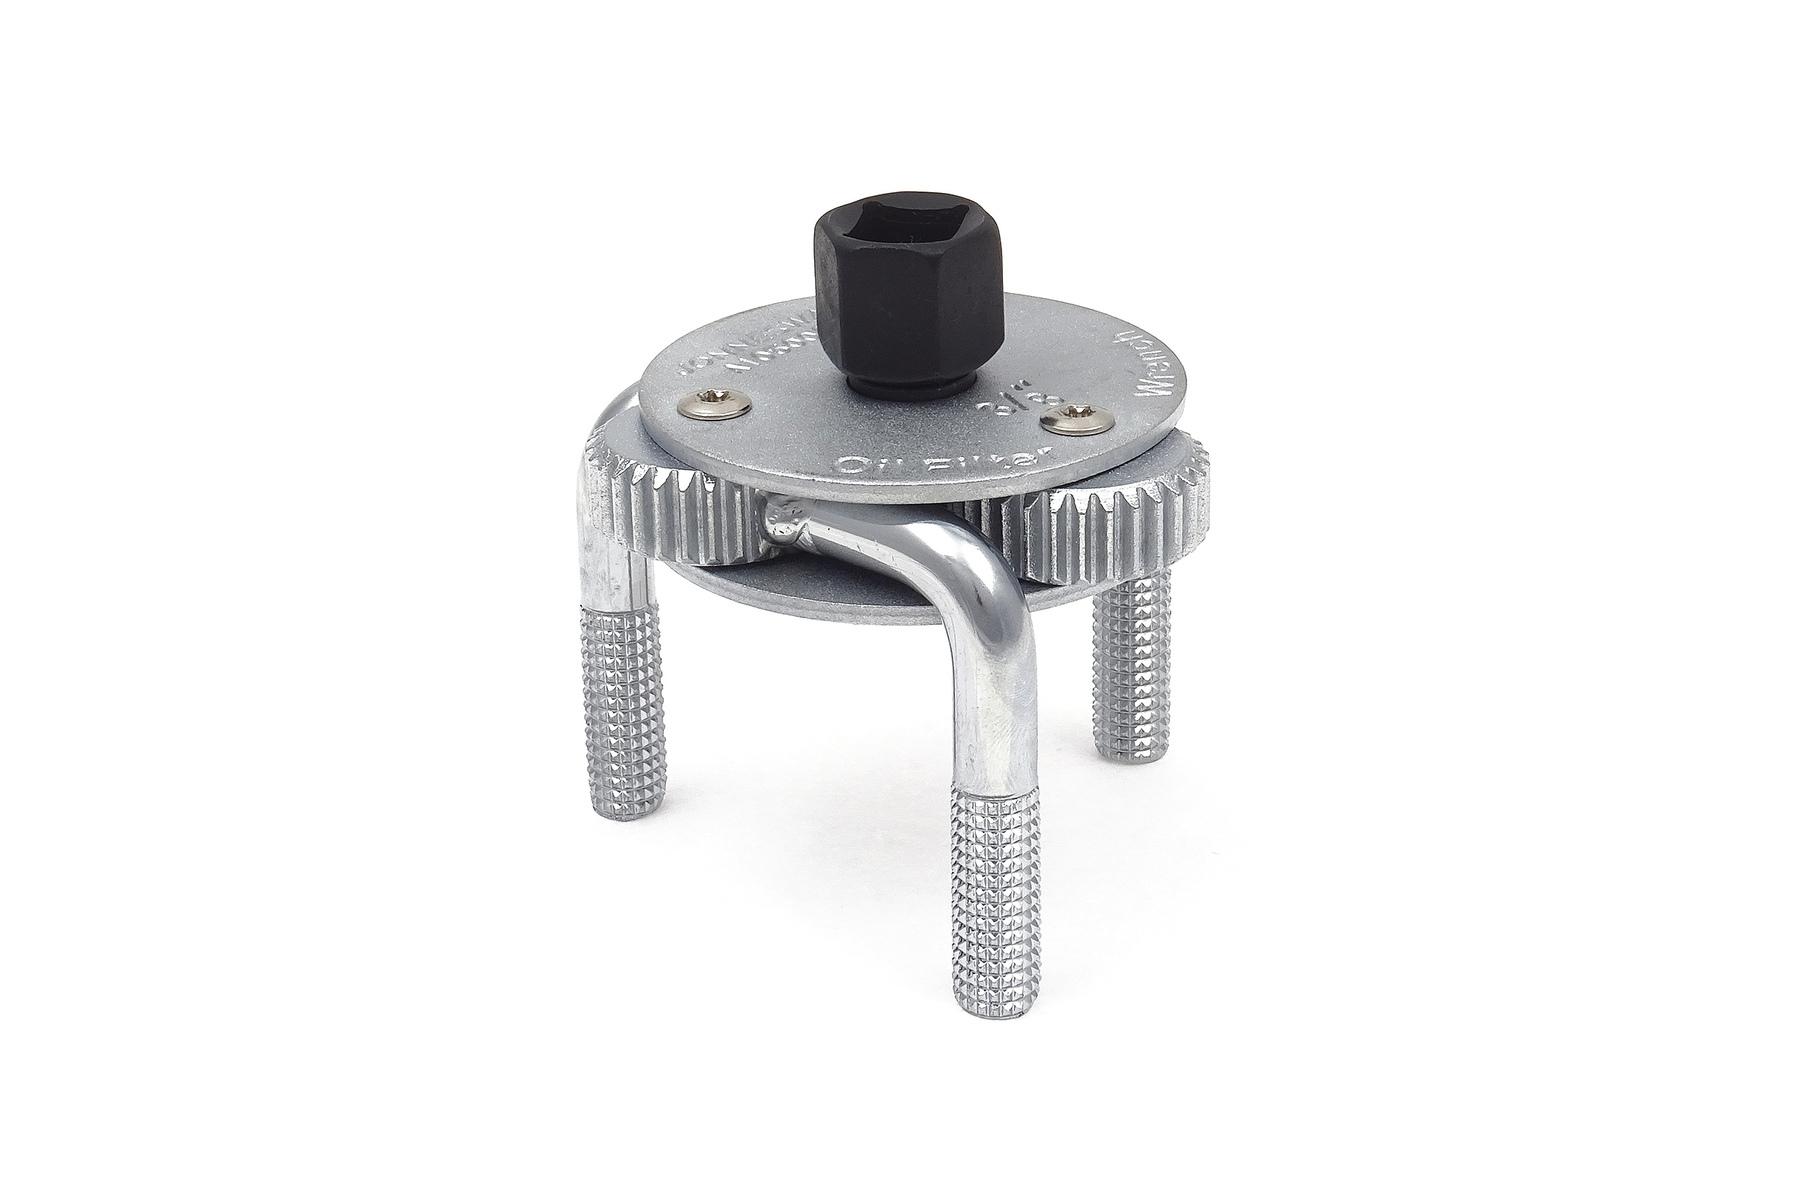 Samostavitelný tříramenný klíč na olejové filtry 65 - 120 mm - JONNESWAY AI050001